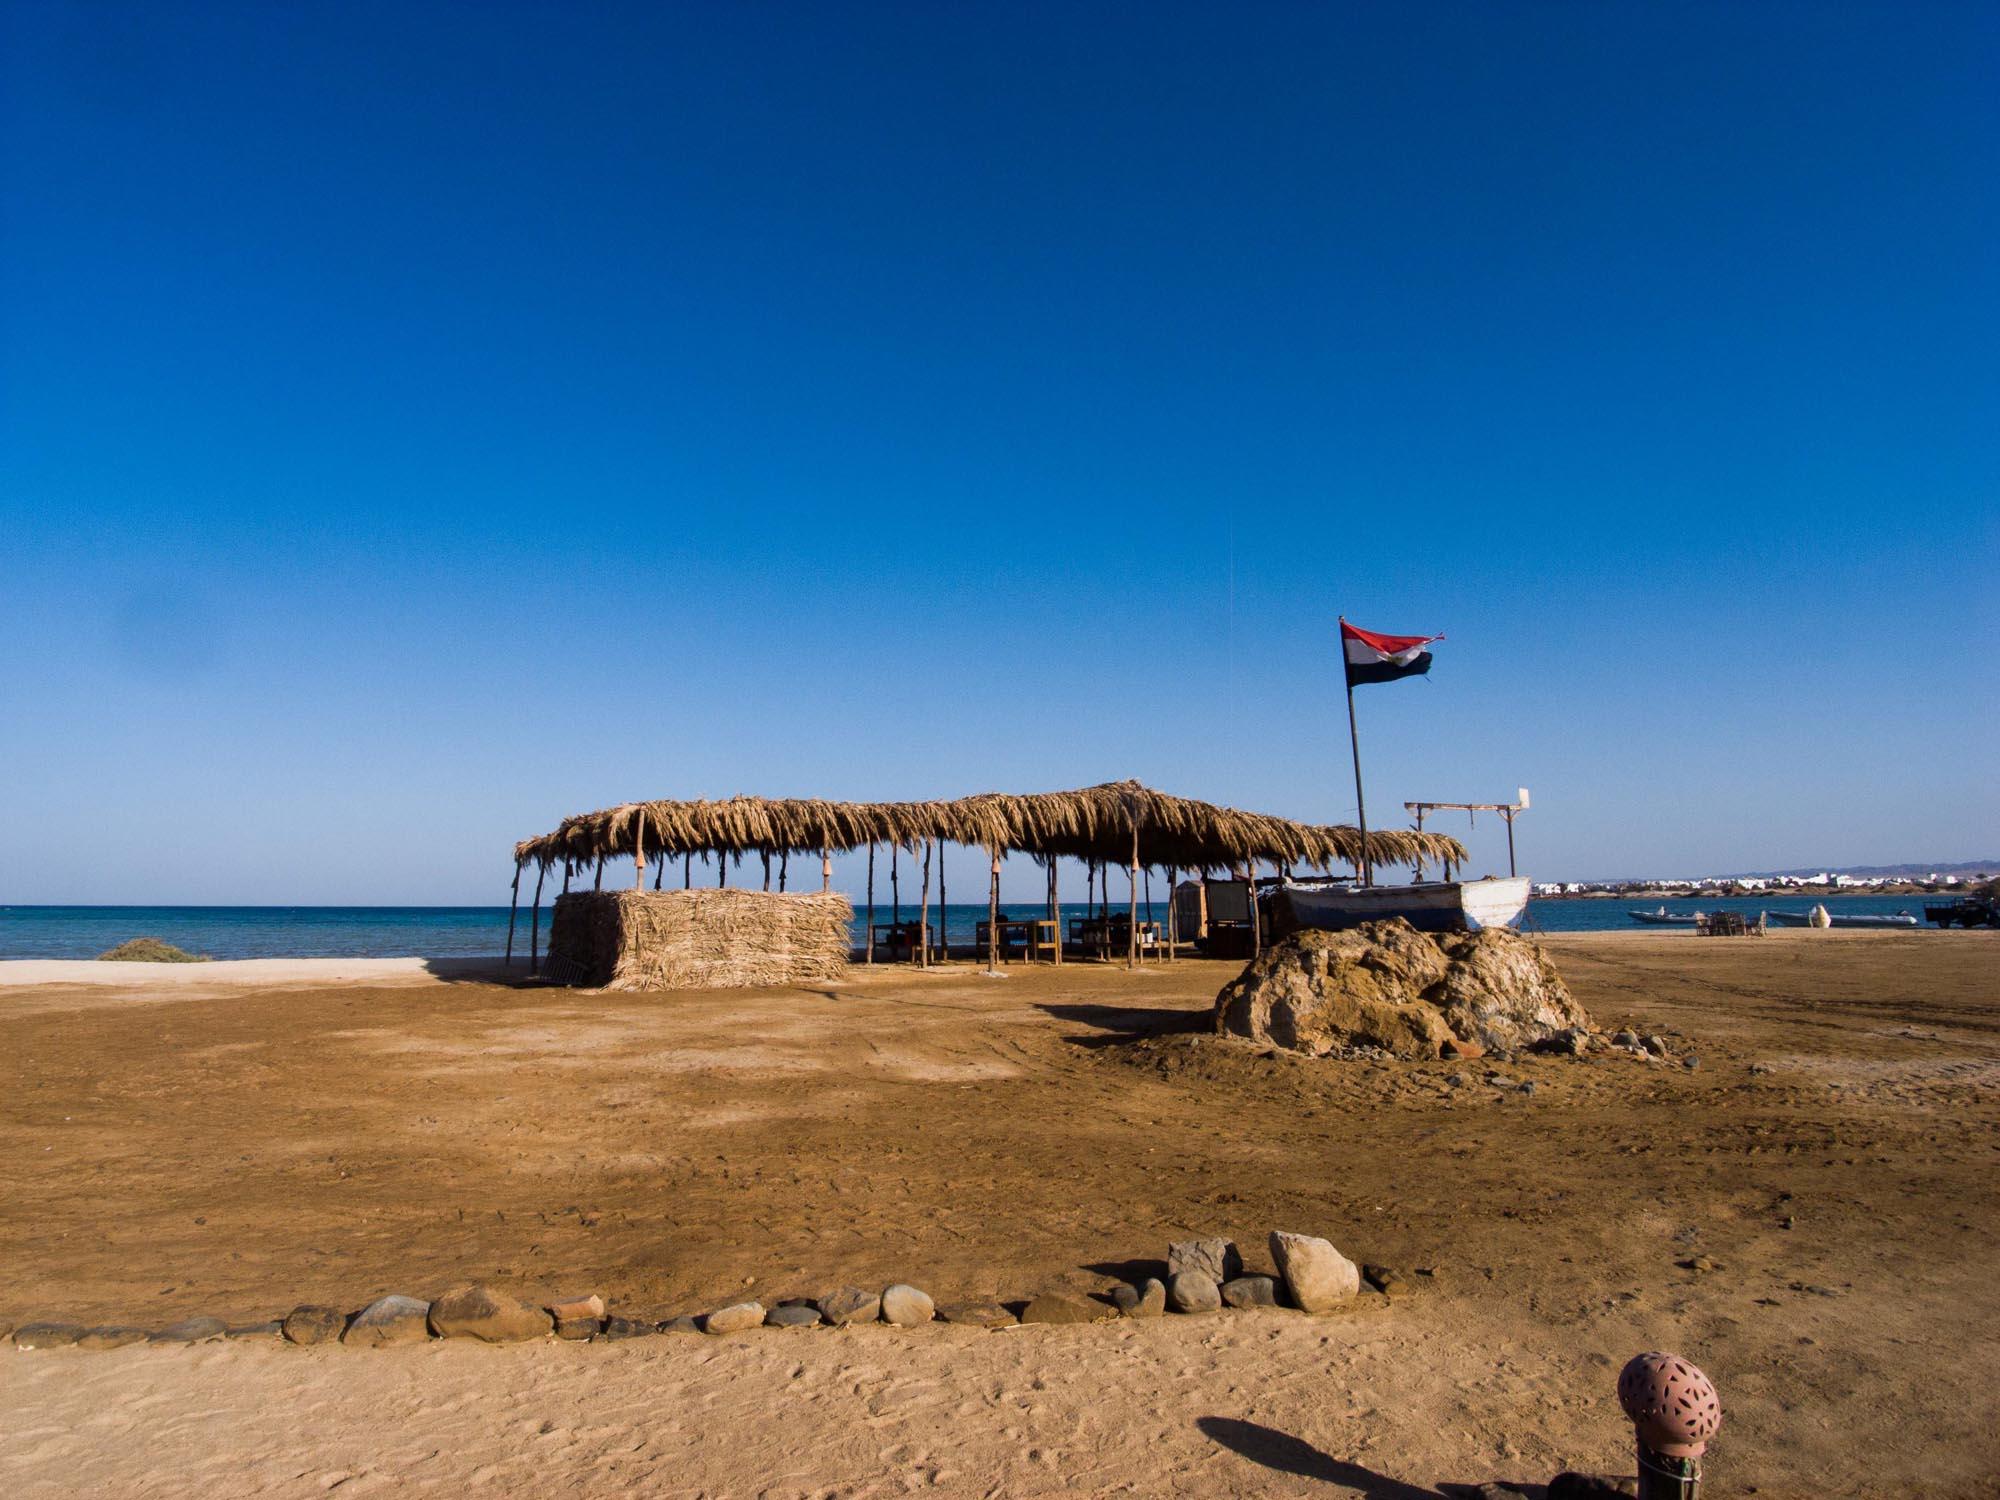 Lahami_Bay_ Red Sea Diving Safari_Rotes Meer_Tauchen-2